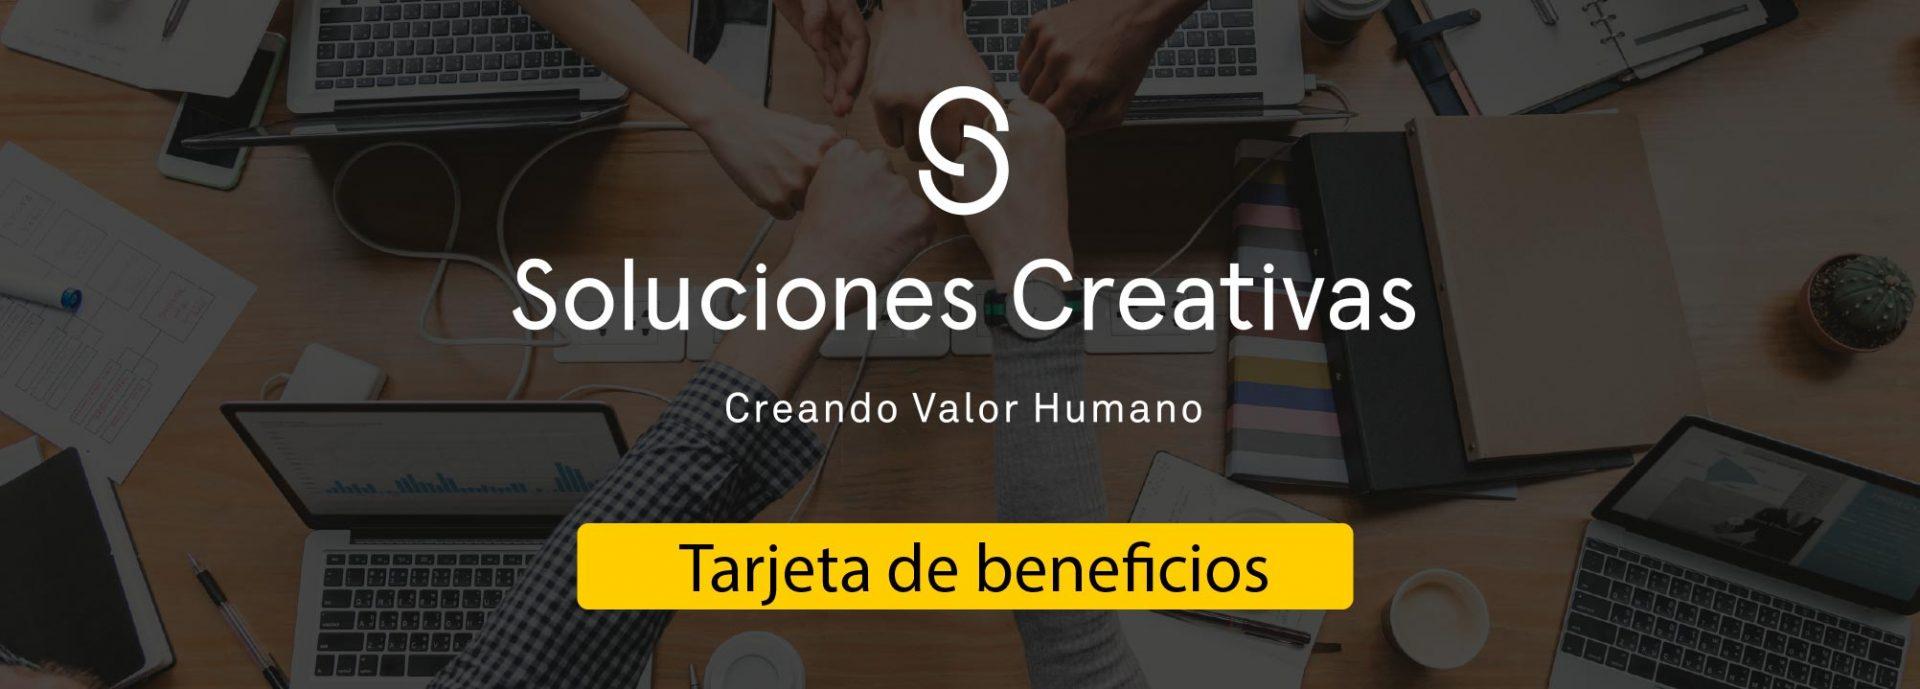 Tarjeta de Beneficios Soluciones Creativas